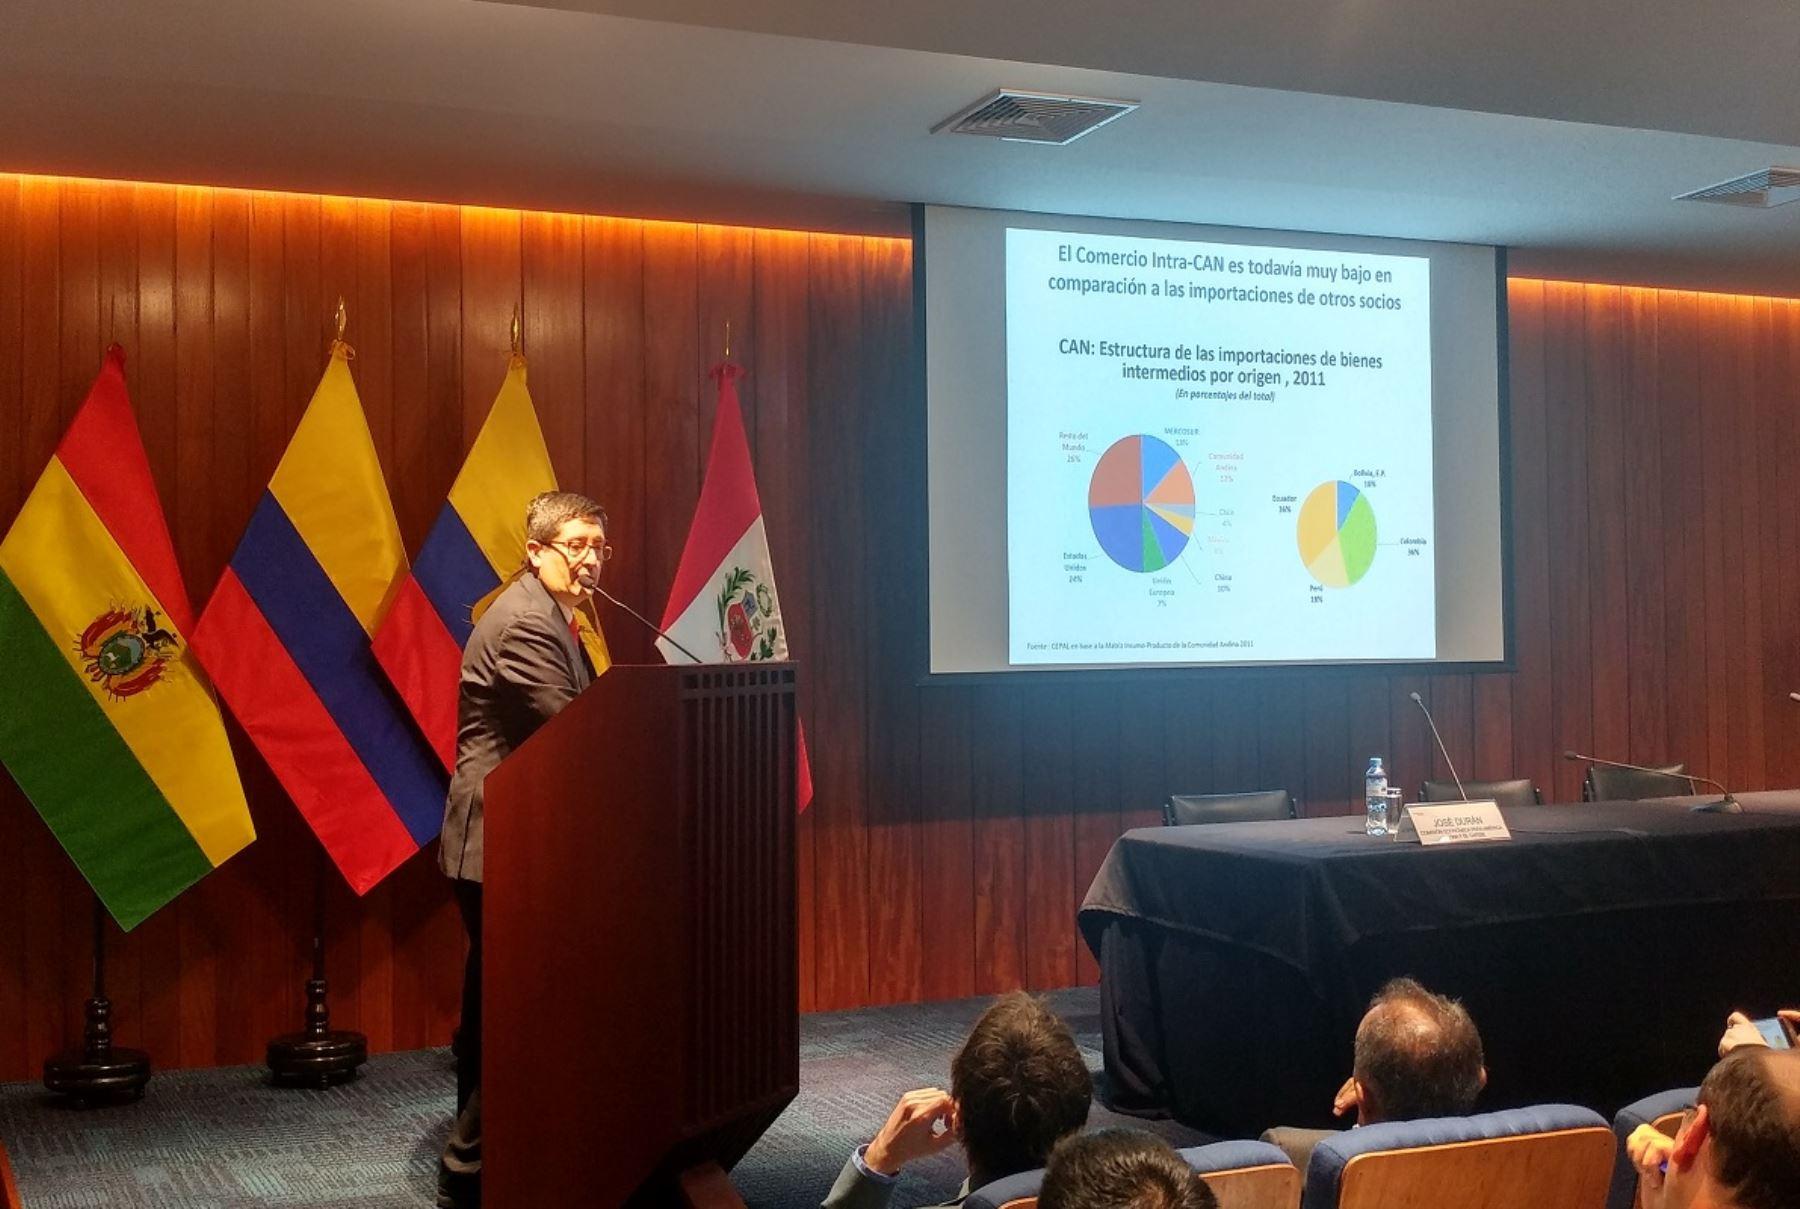 Presentación de José Durán de la CEPAL en la sede de la CAN. Foto: ANDINA